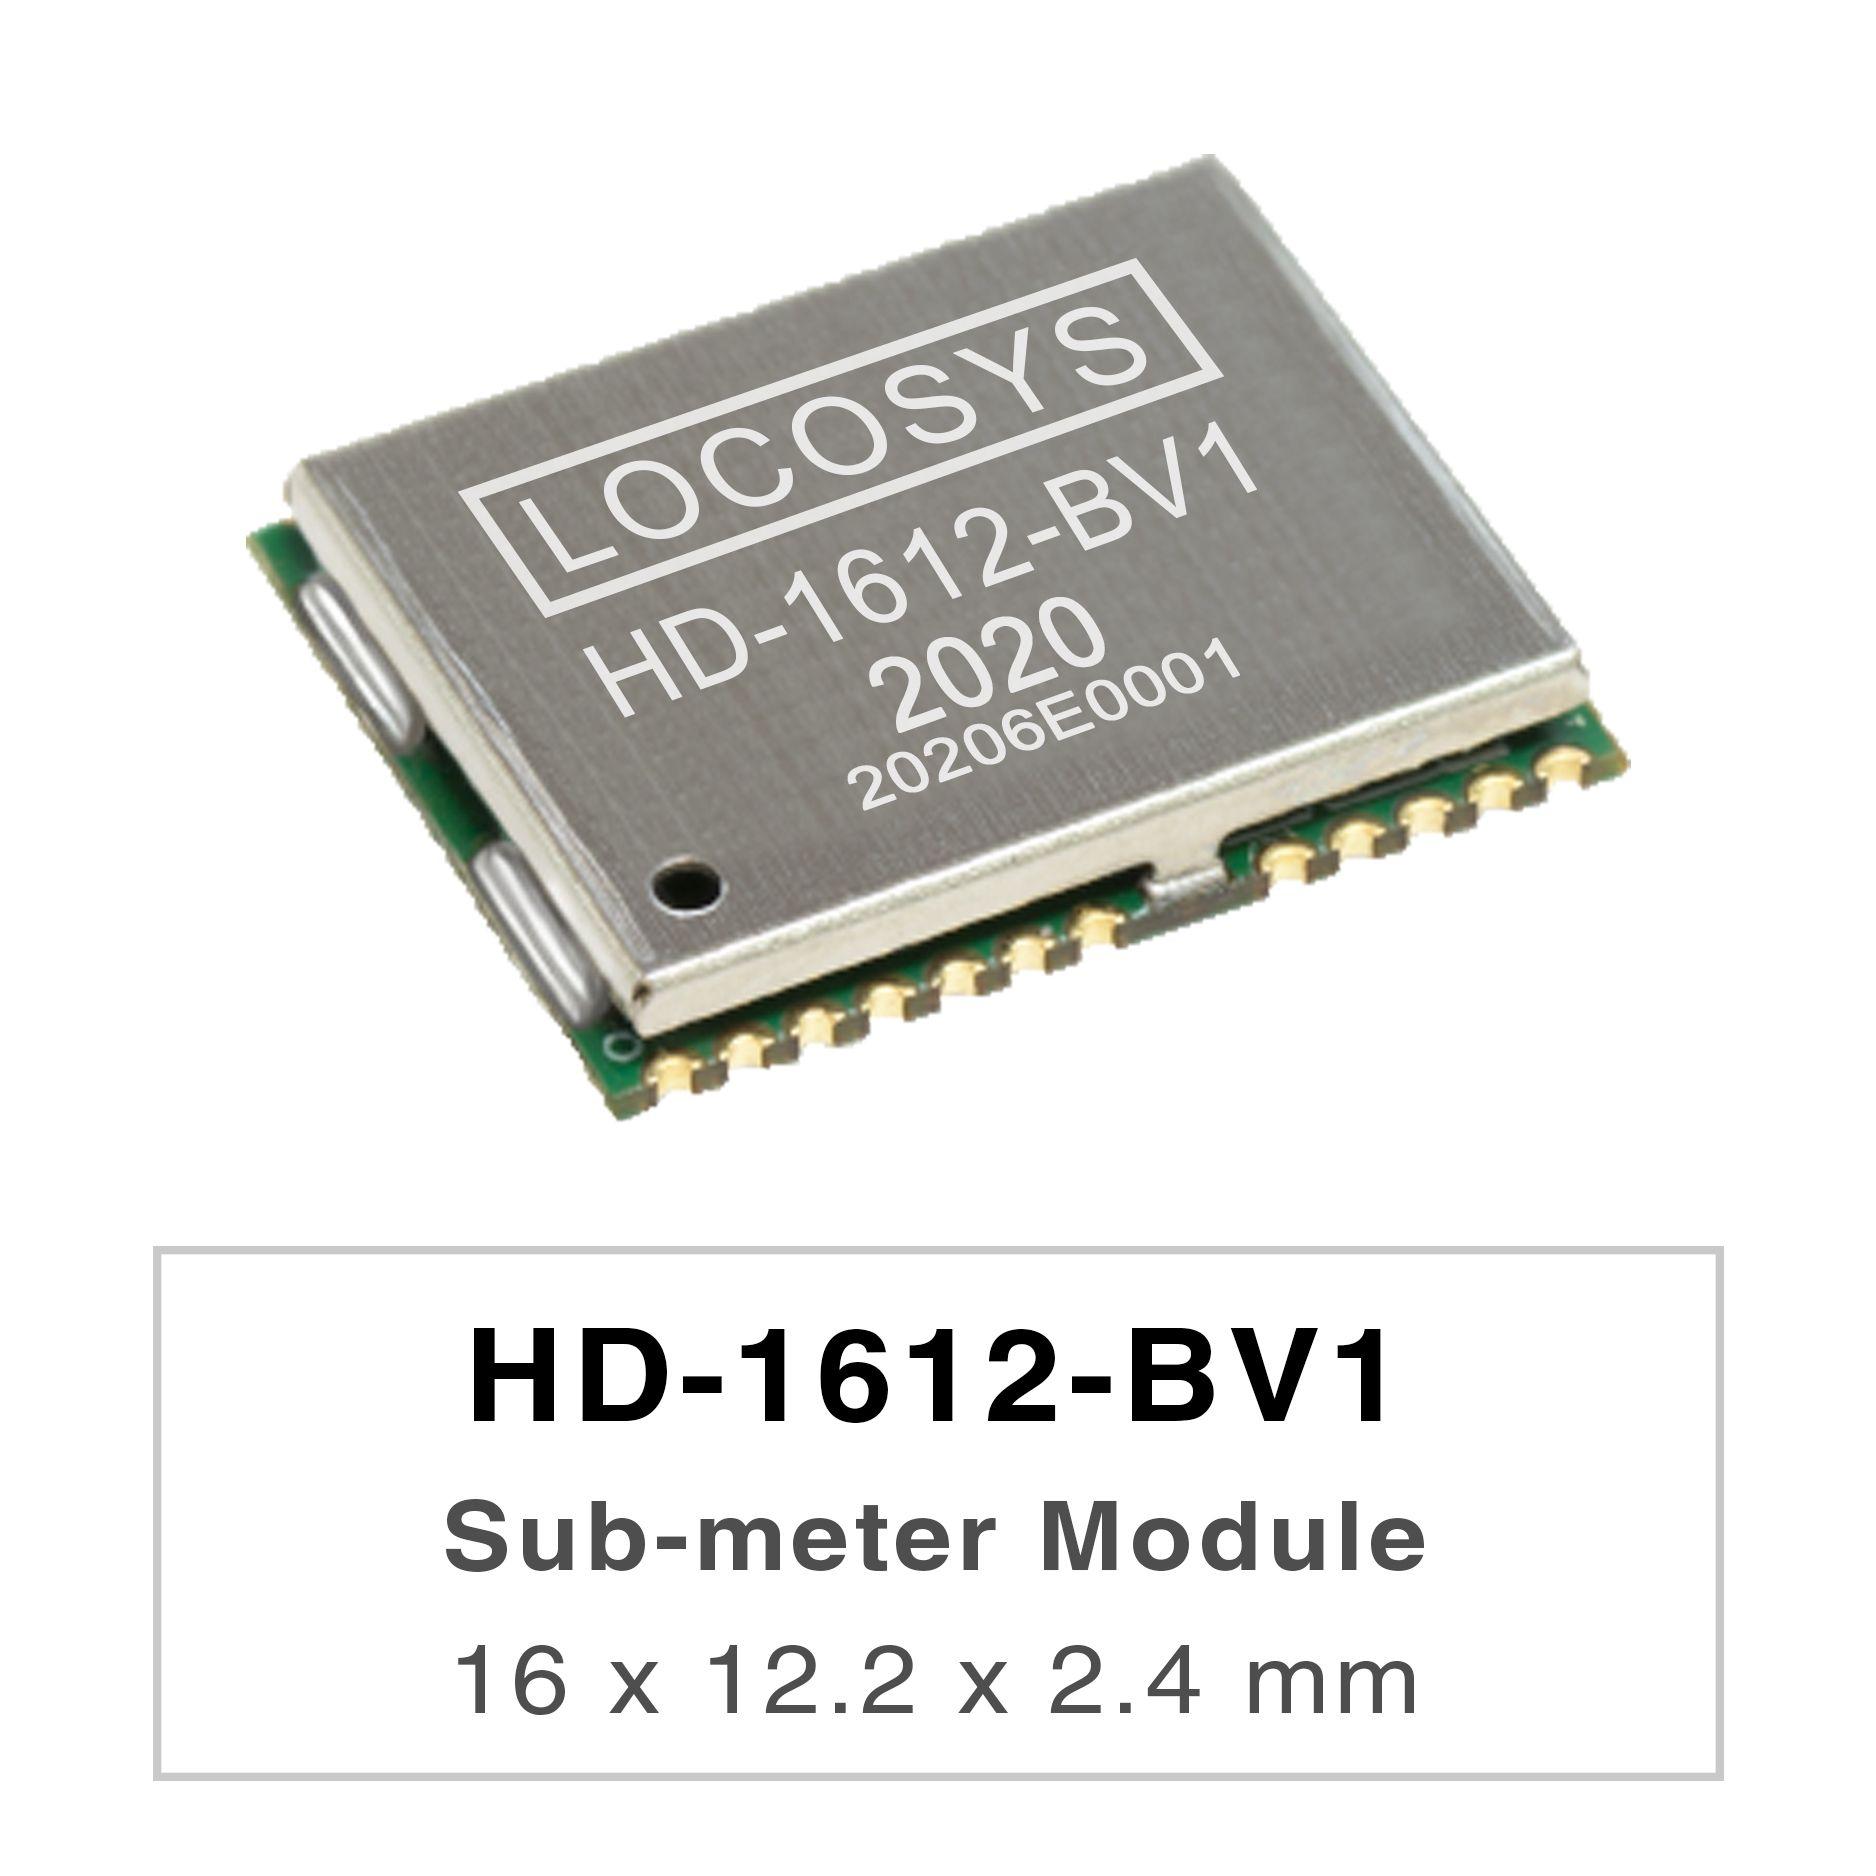 LOCOSYS HD-1612-BV1 est un module de positionnement GNSS hautes performances capable de suivre       tous les systèmes de navigation civile mondiaux (GPS, QZSS, GLONASS, BEIDOU et GALILEO).